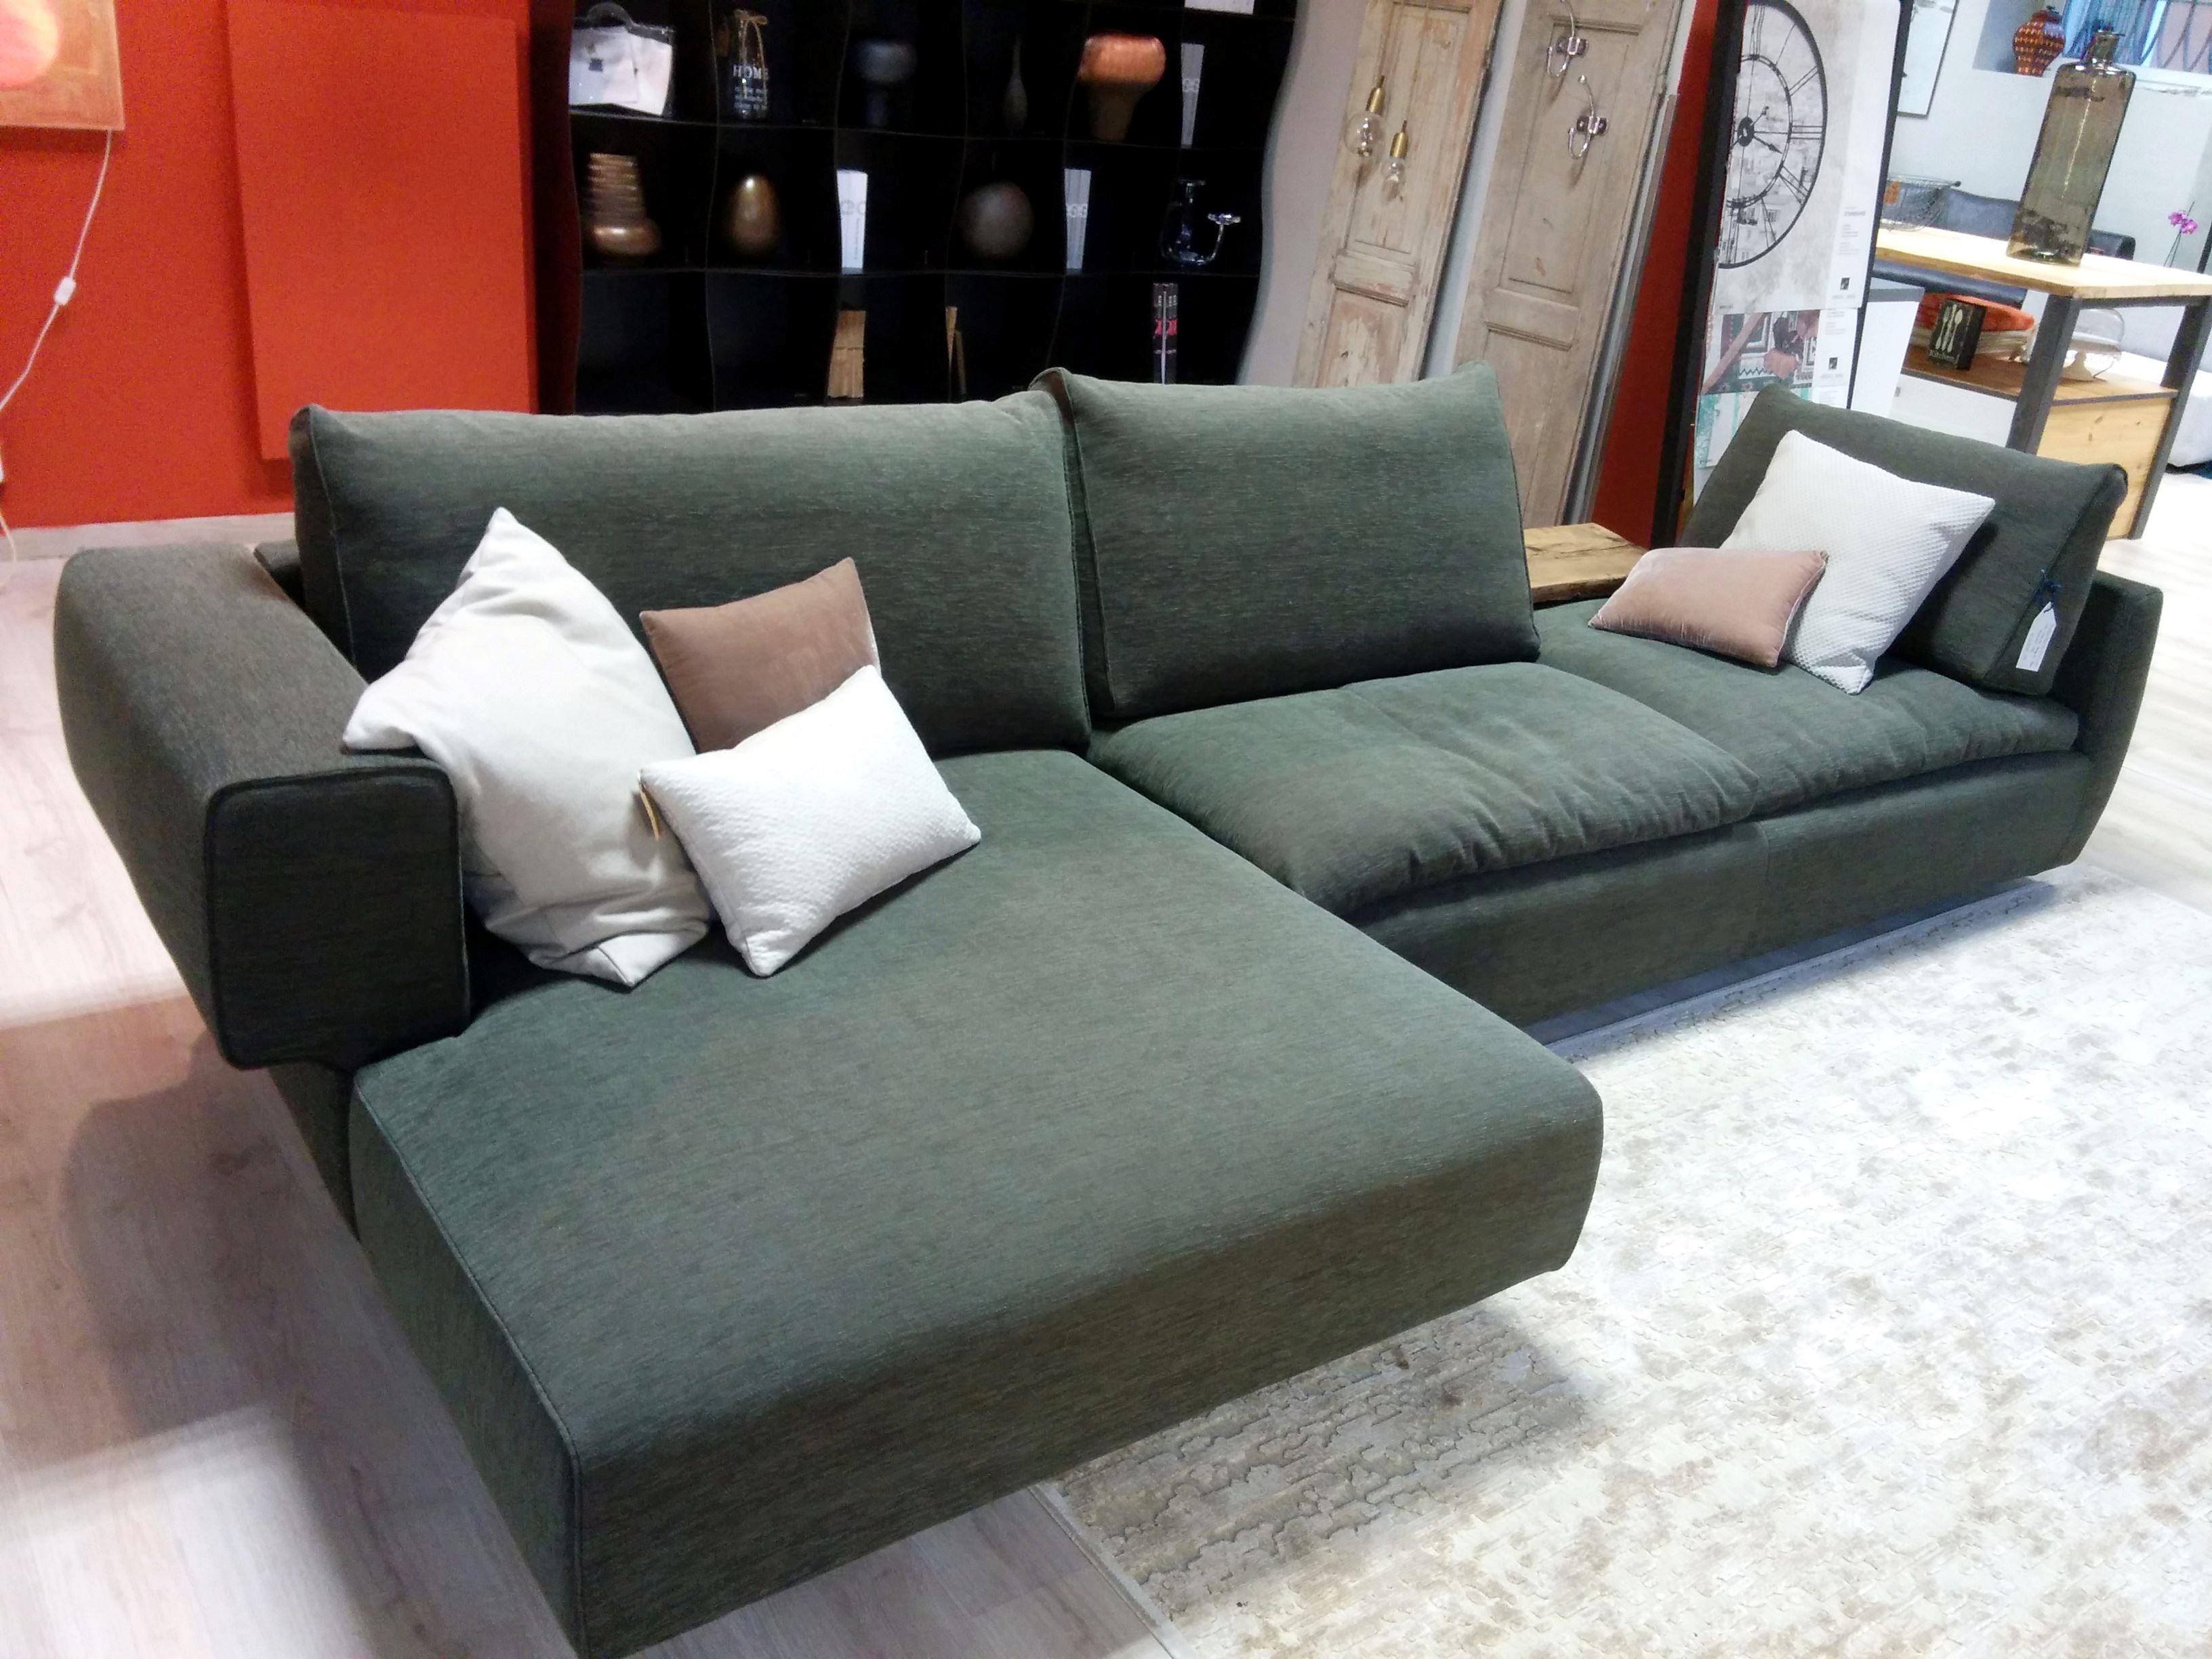 Offerta divano ditre italia mod ecl ctico scontato del 40 for Offerta divano